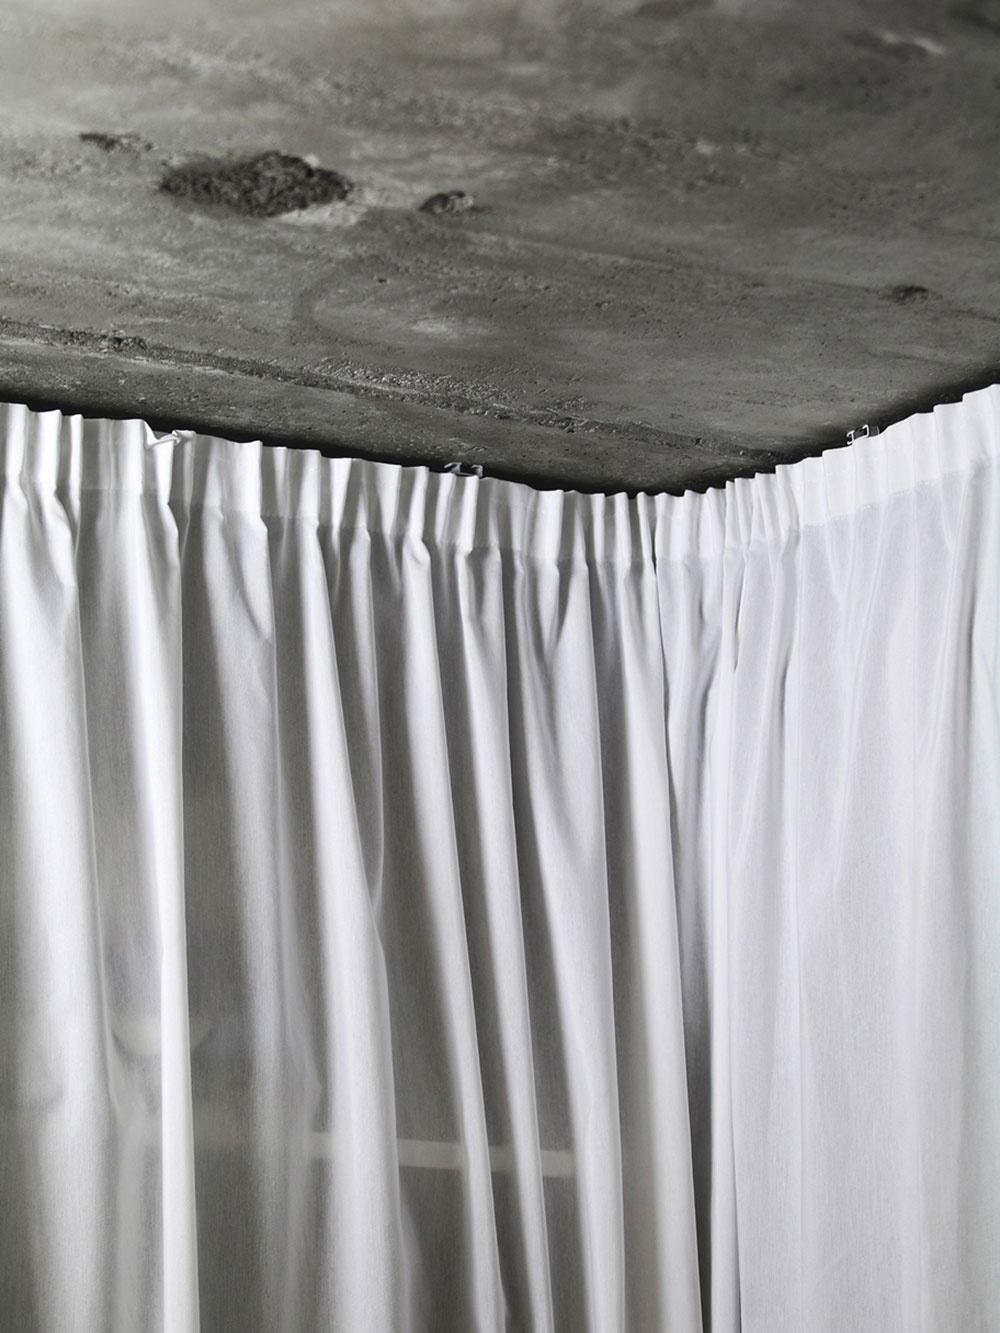 Totálna rekonštrukcia v paneláku: Byt vyzliekli až na surový betón!